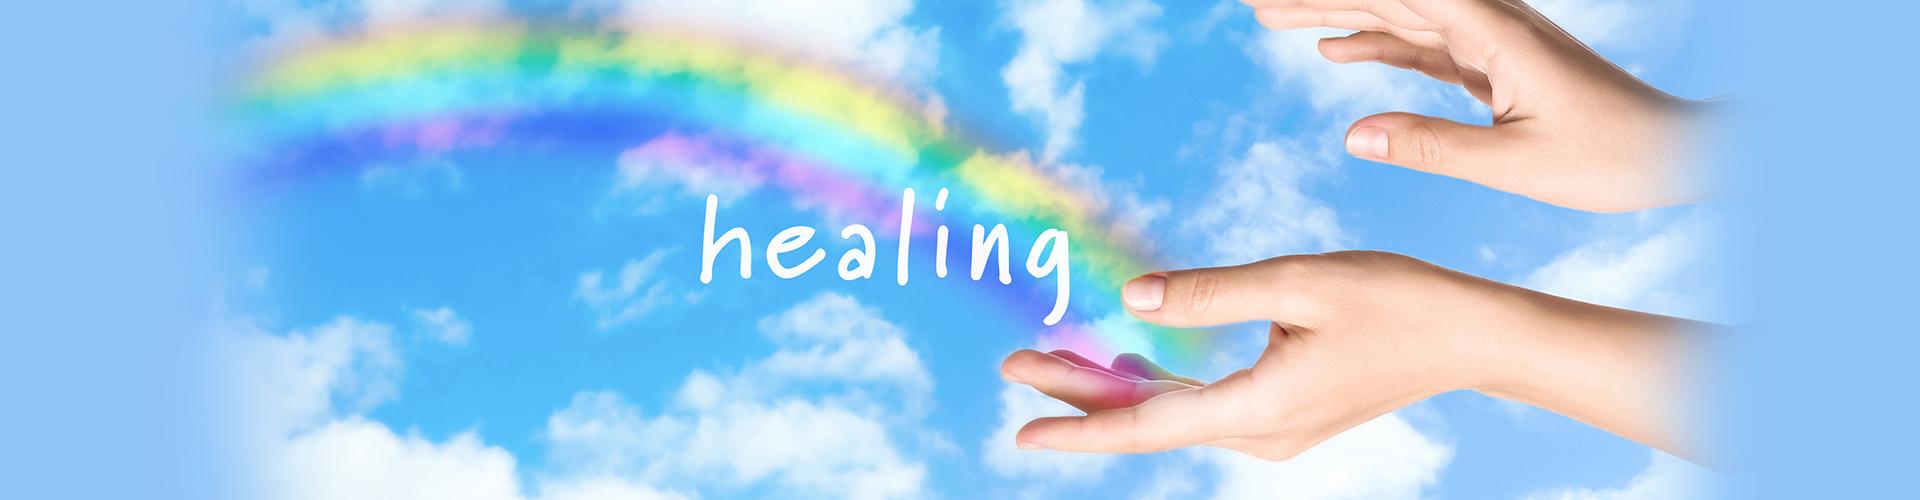 healing for everyone